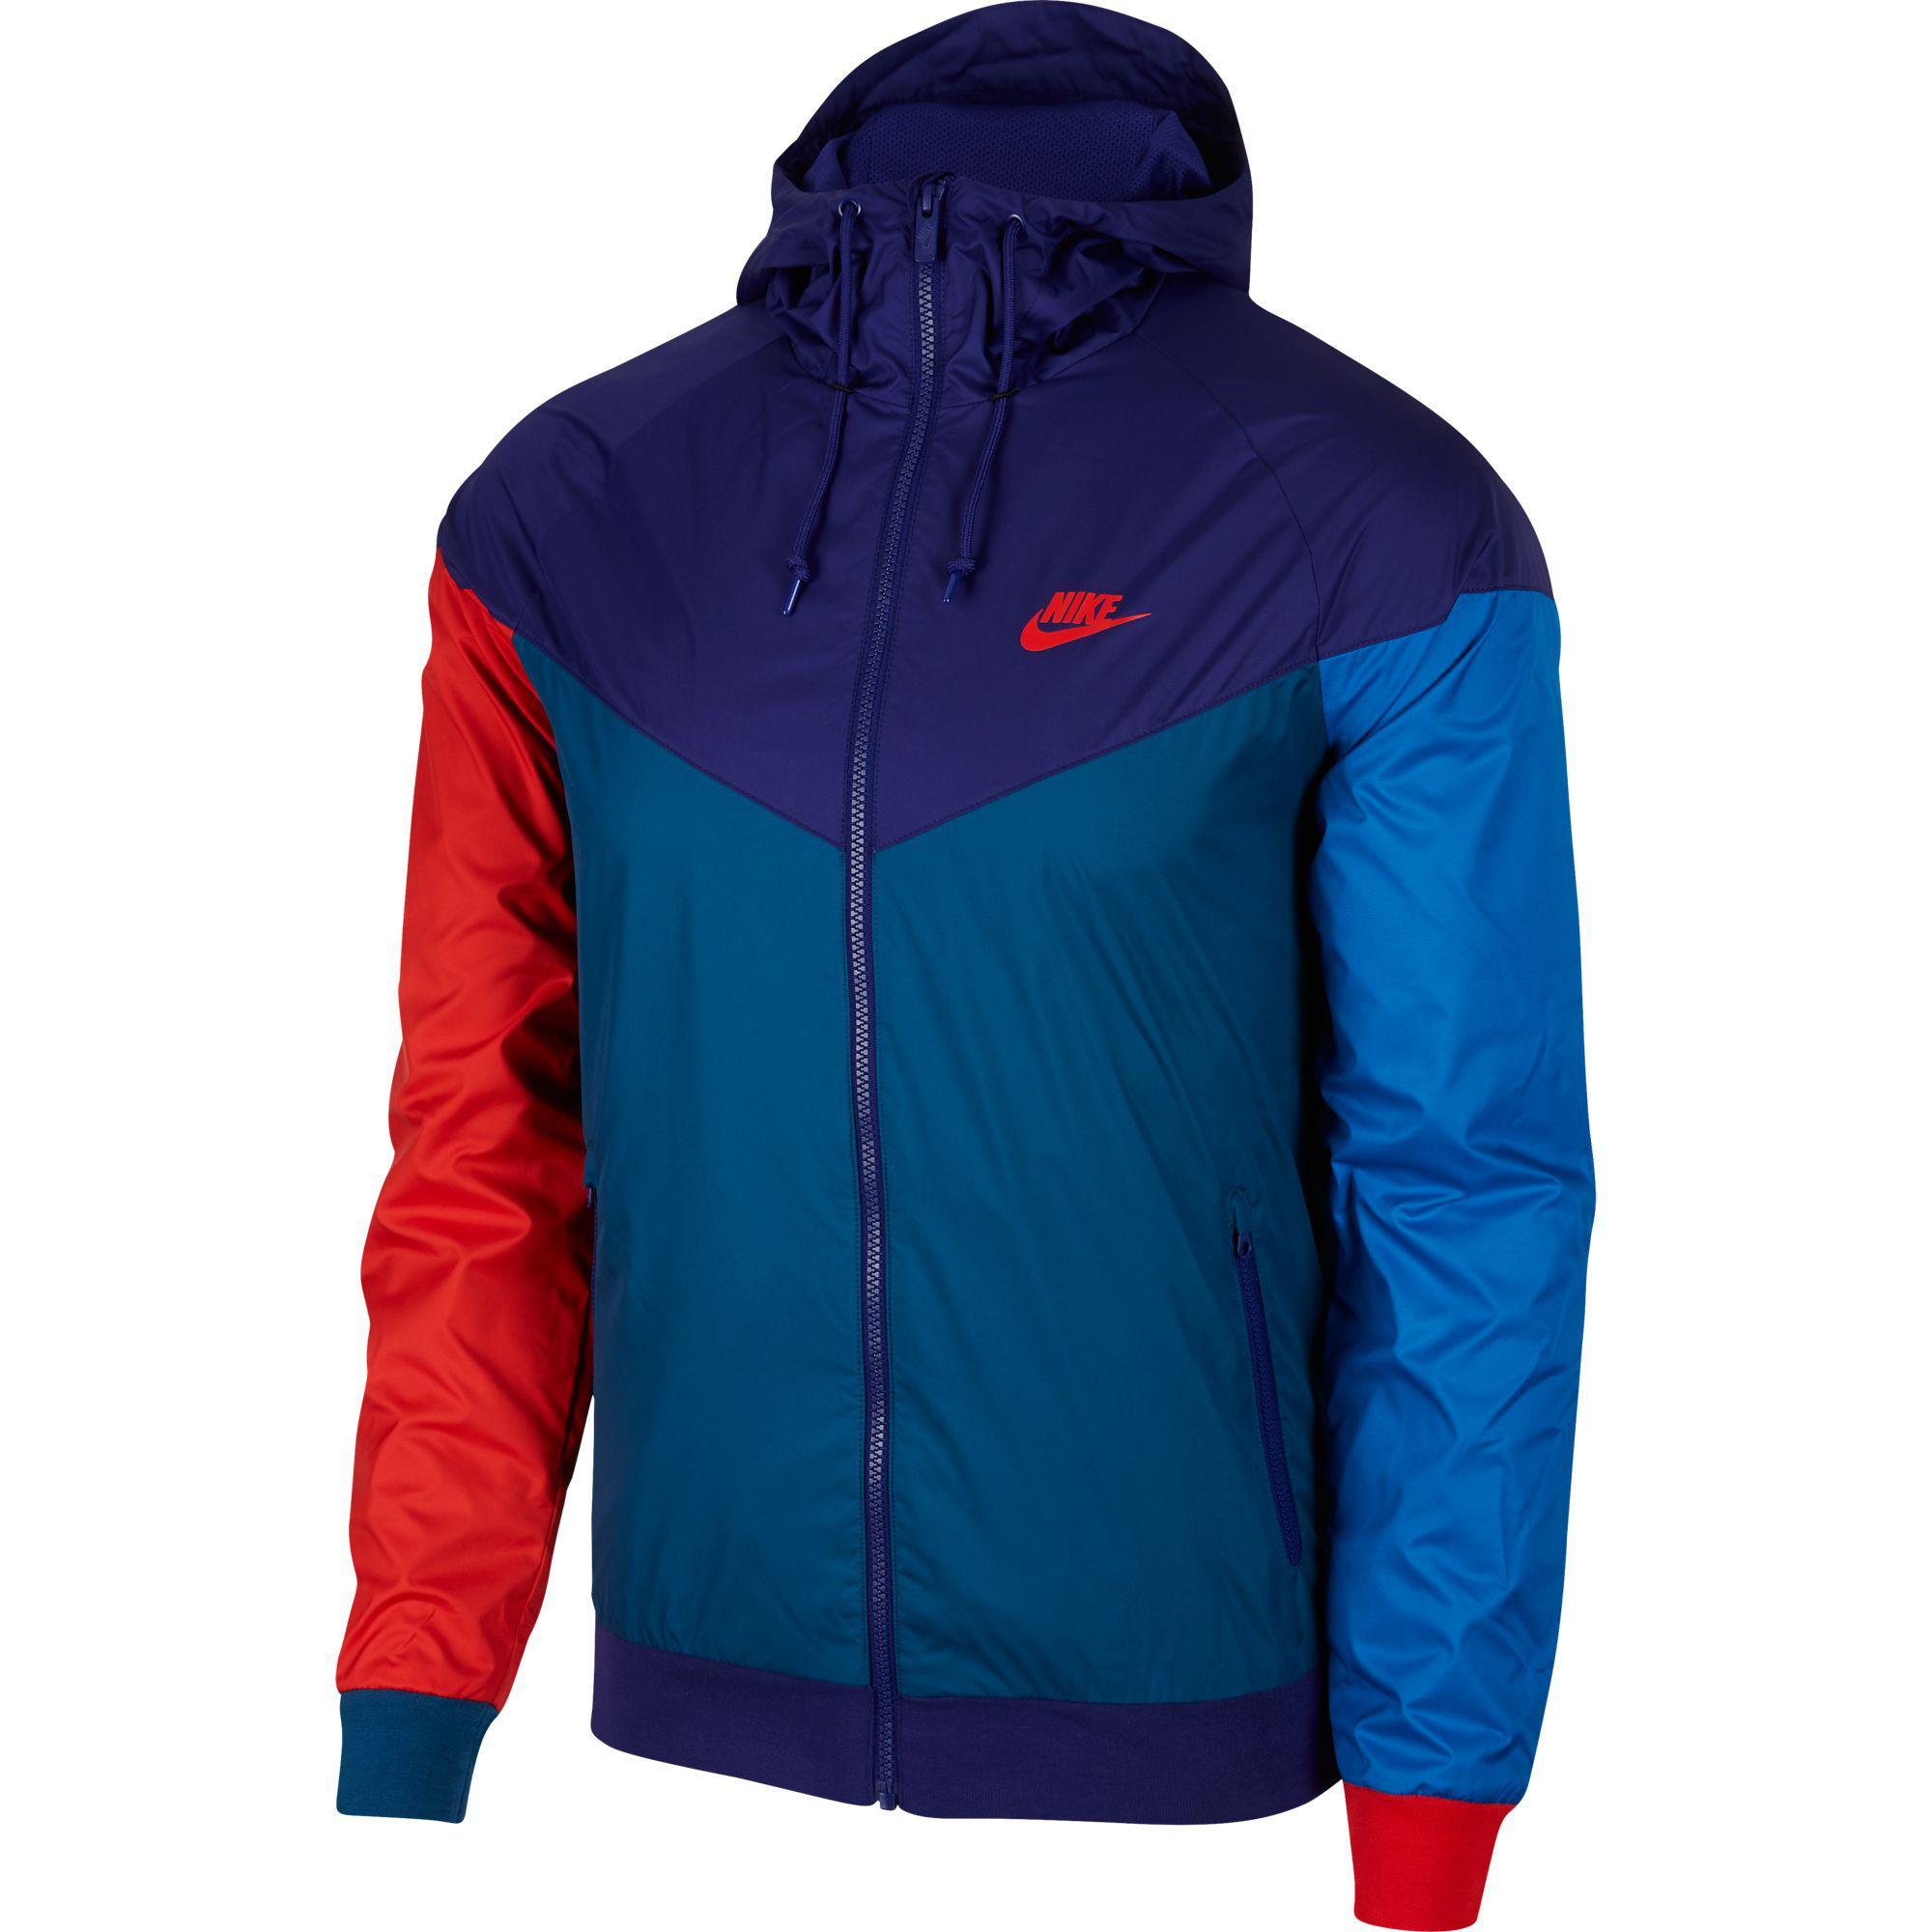 38f6384af Nike - Multicolor Windrunner Full Zip Jacket for Men - Lyst